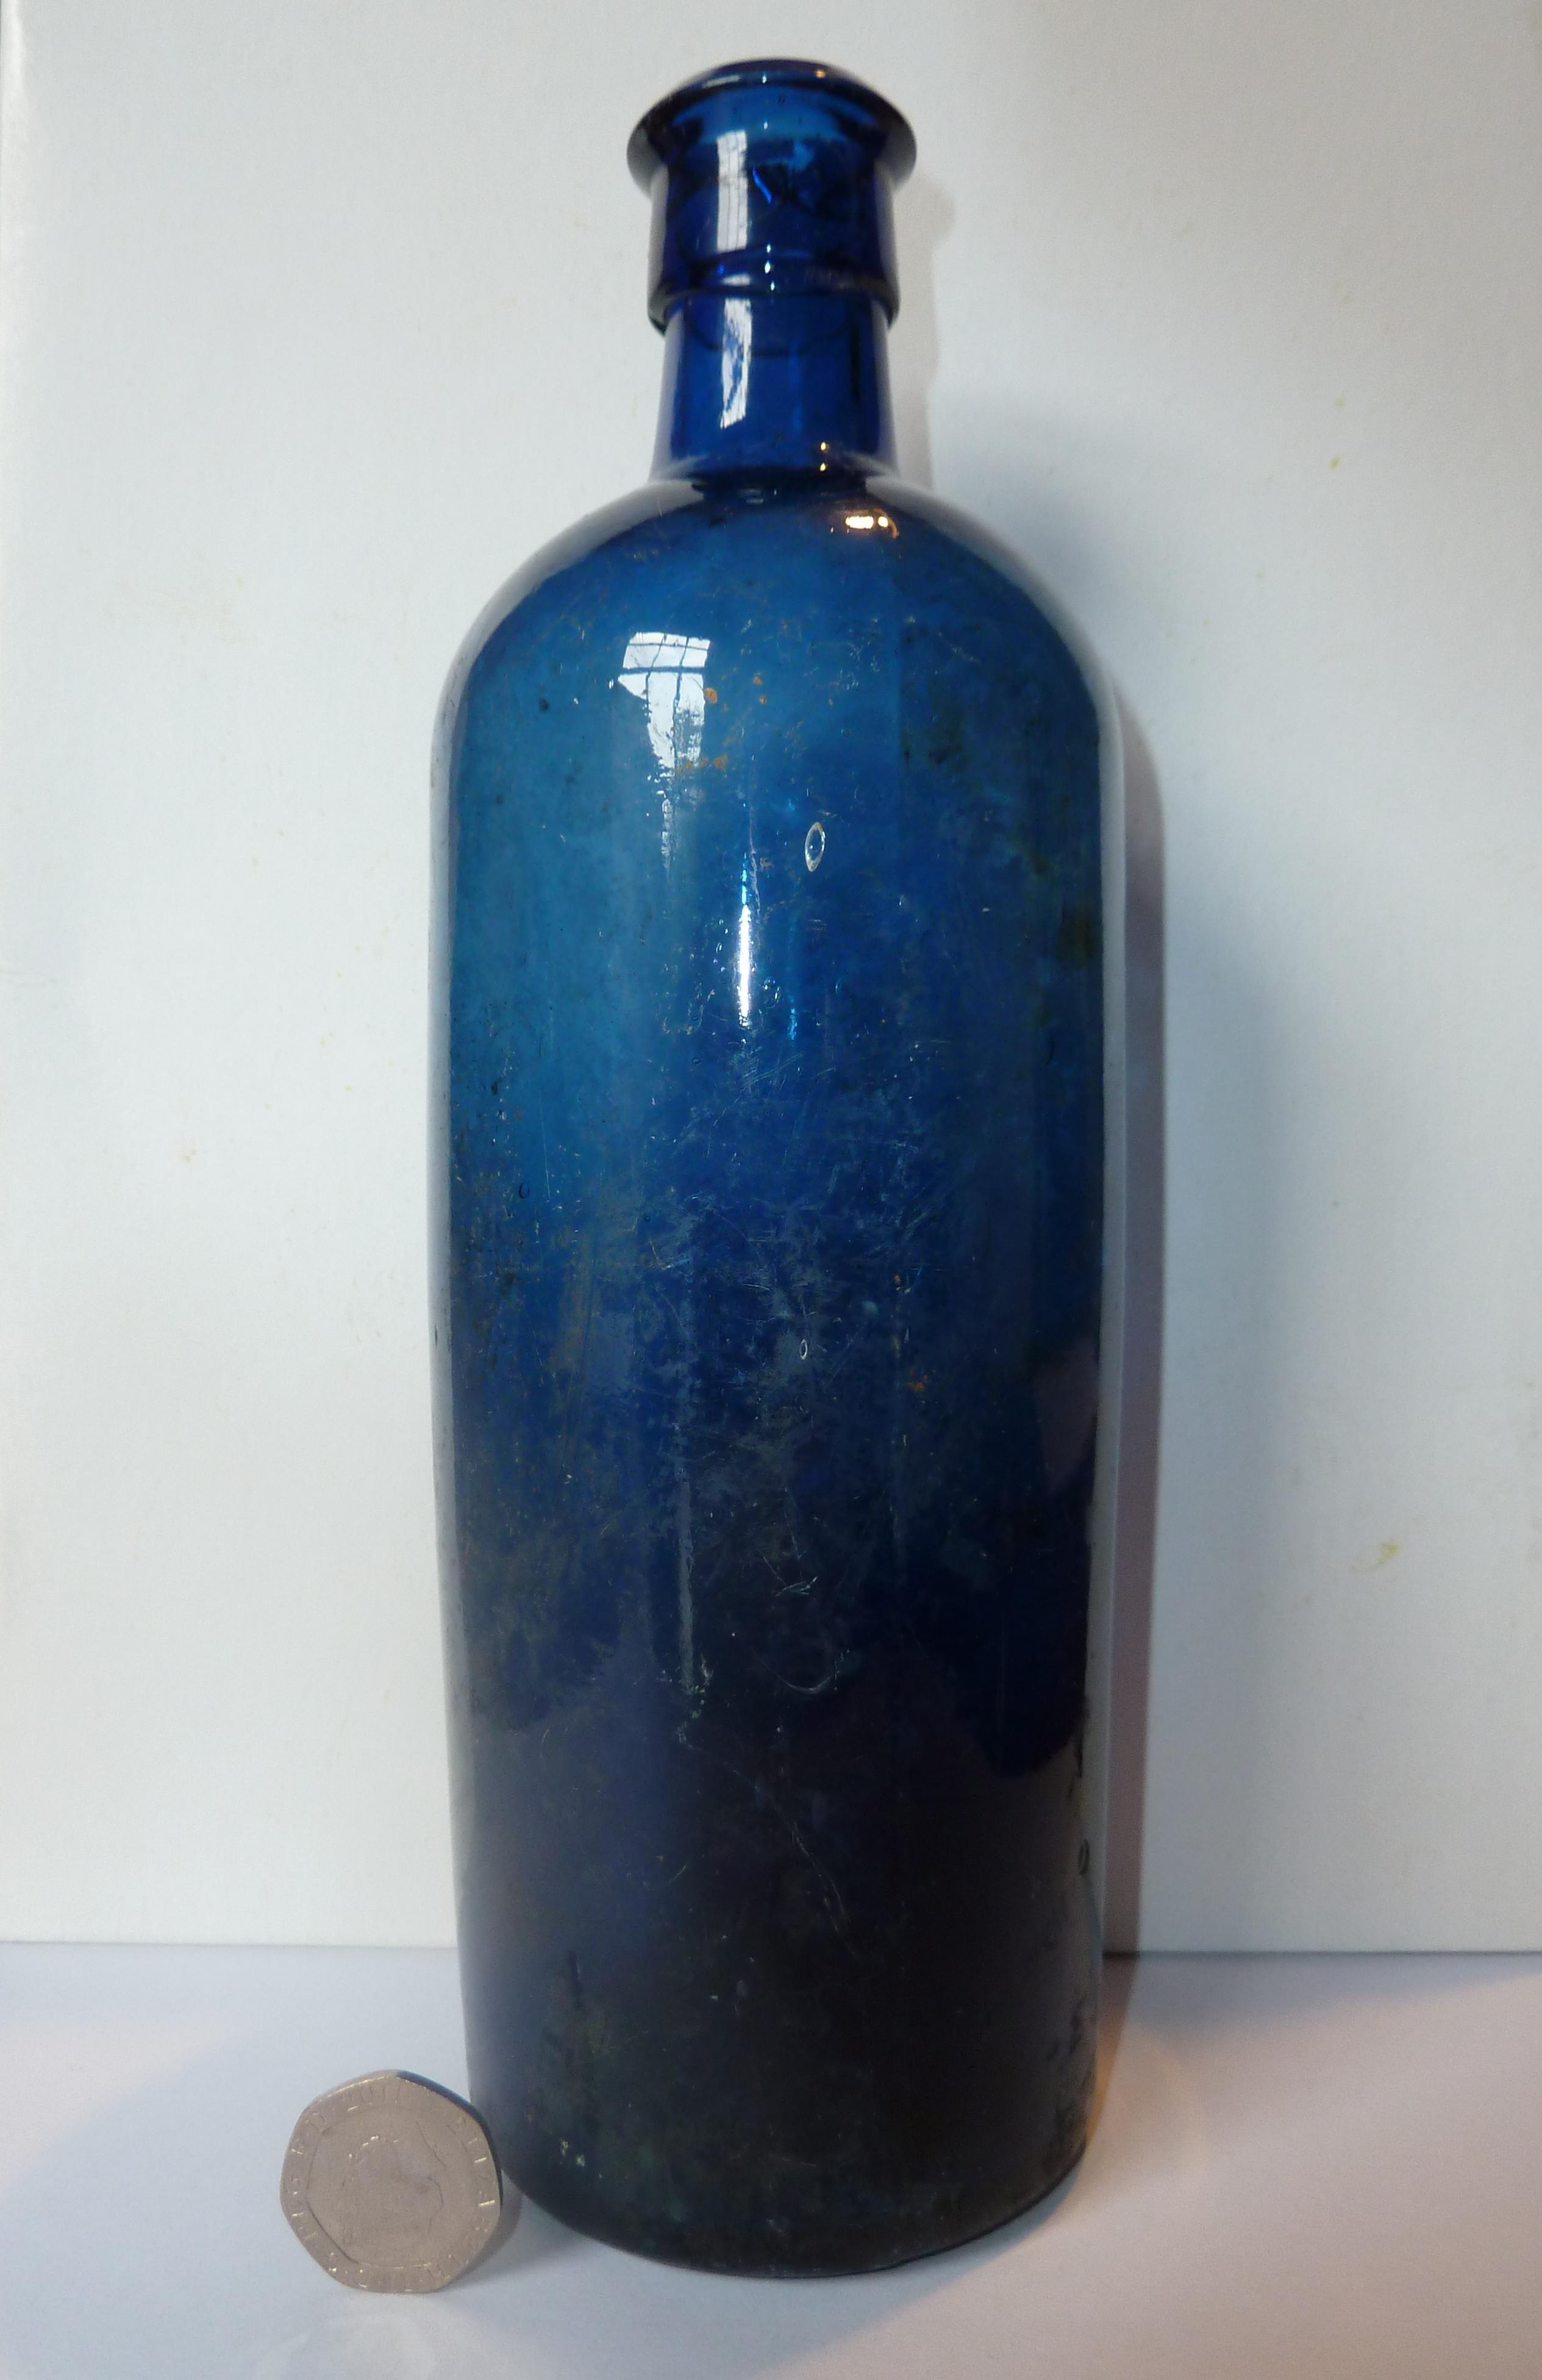 Chemist's Bottle